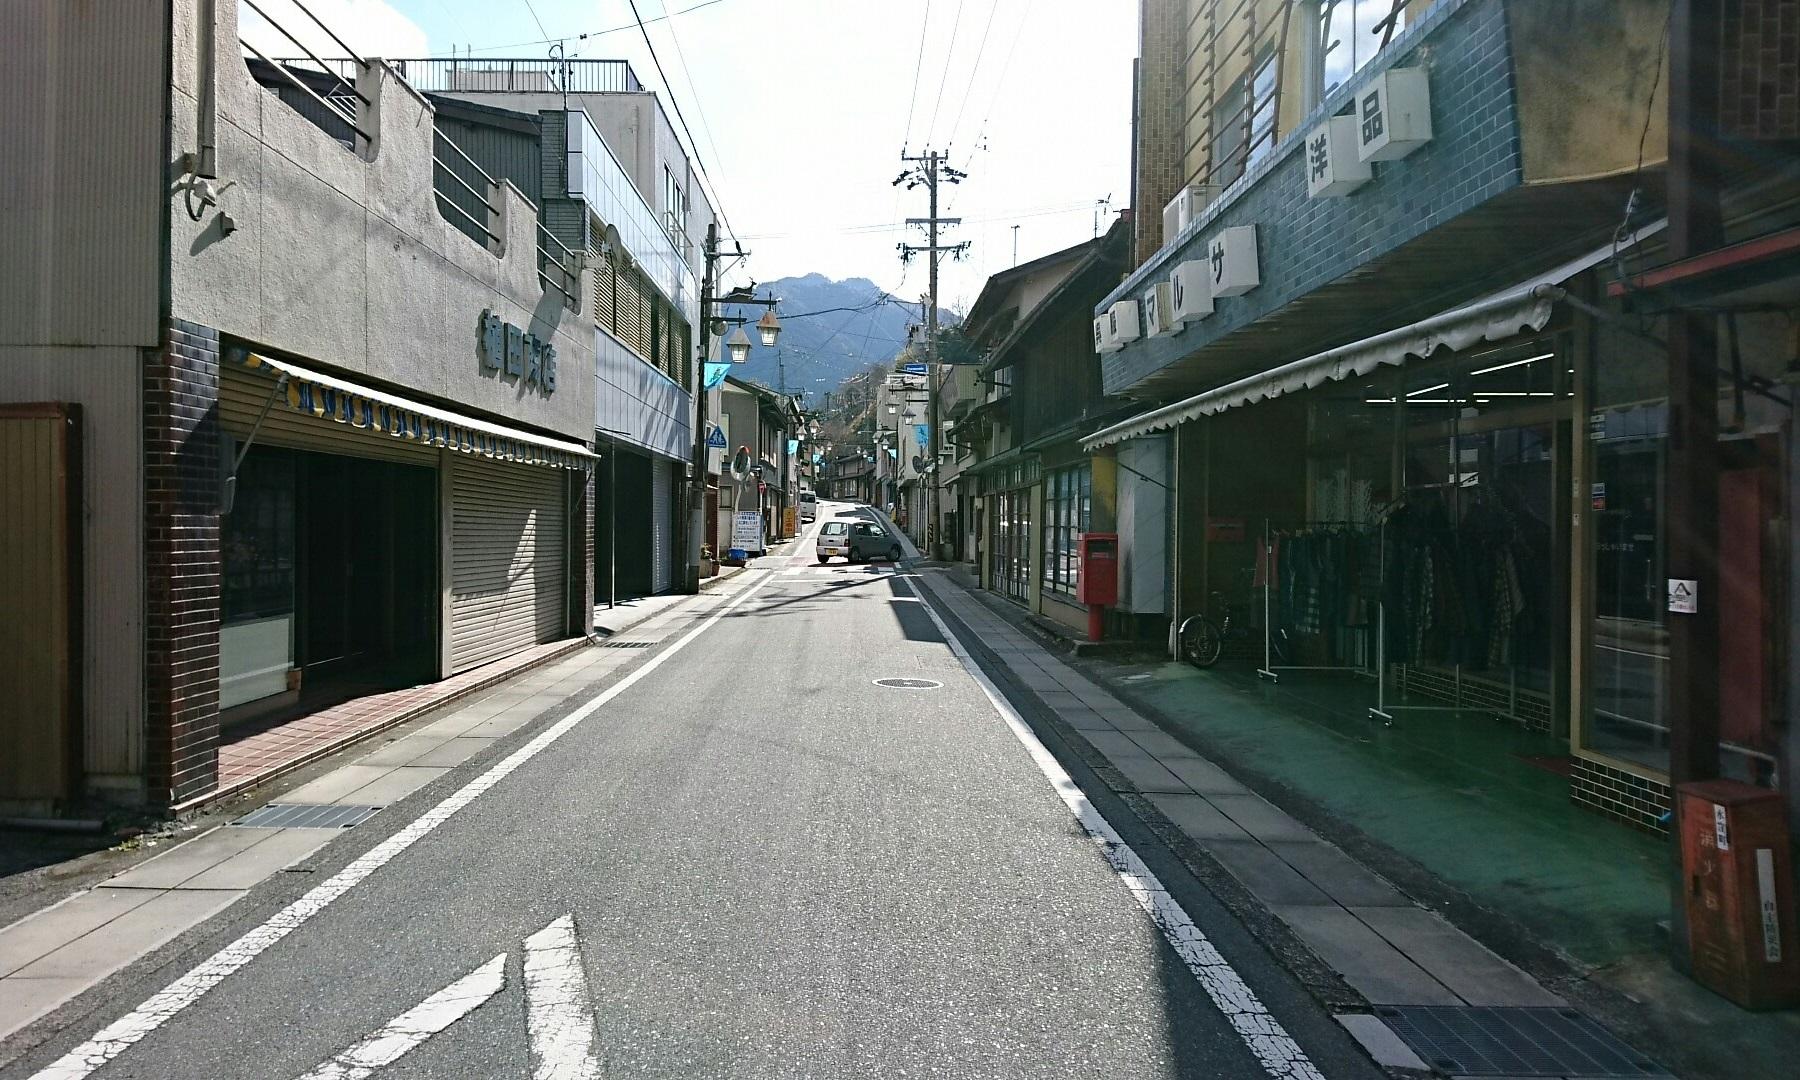 2018.1.11 みさくぼ (187) ゆめかいどう - マルサ衣料品店 1800-1080